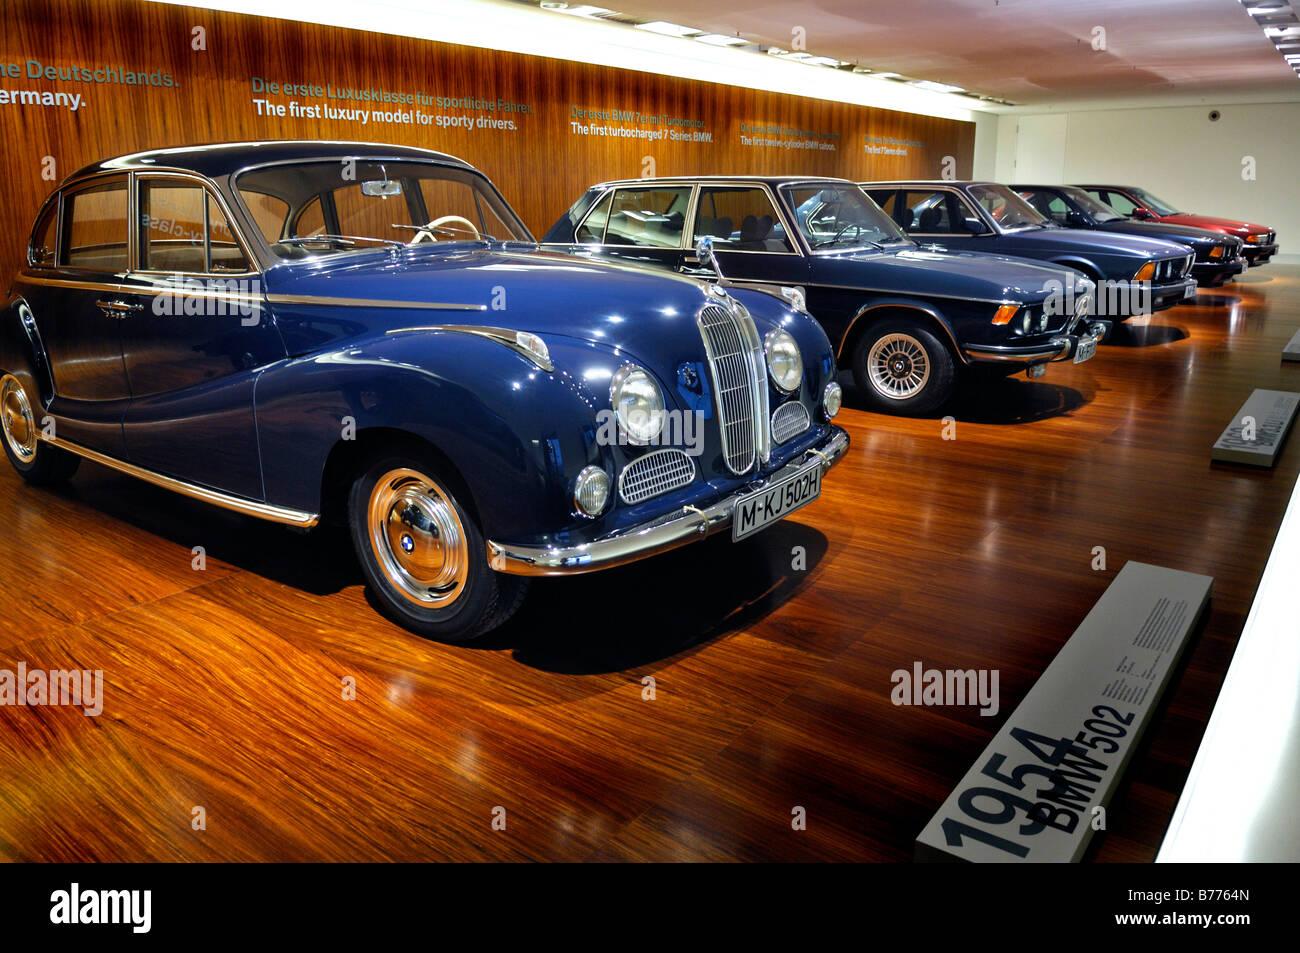 BMW Museum, 1954 BMW-502, Munich, Bavaria, Germany, Europe Stock ...